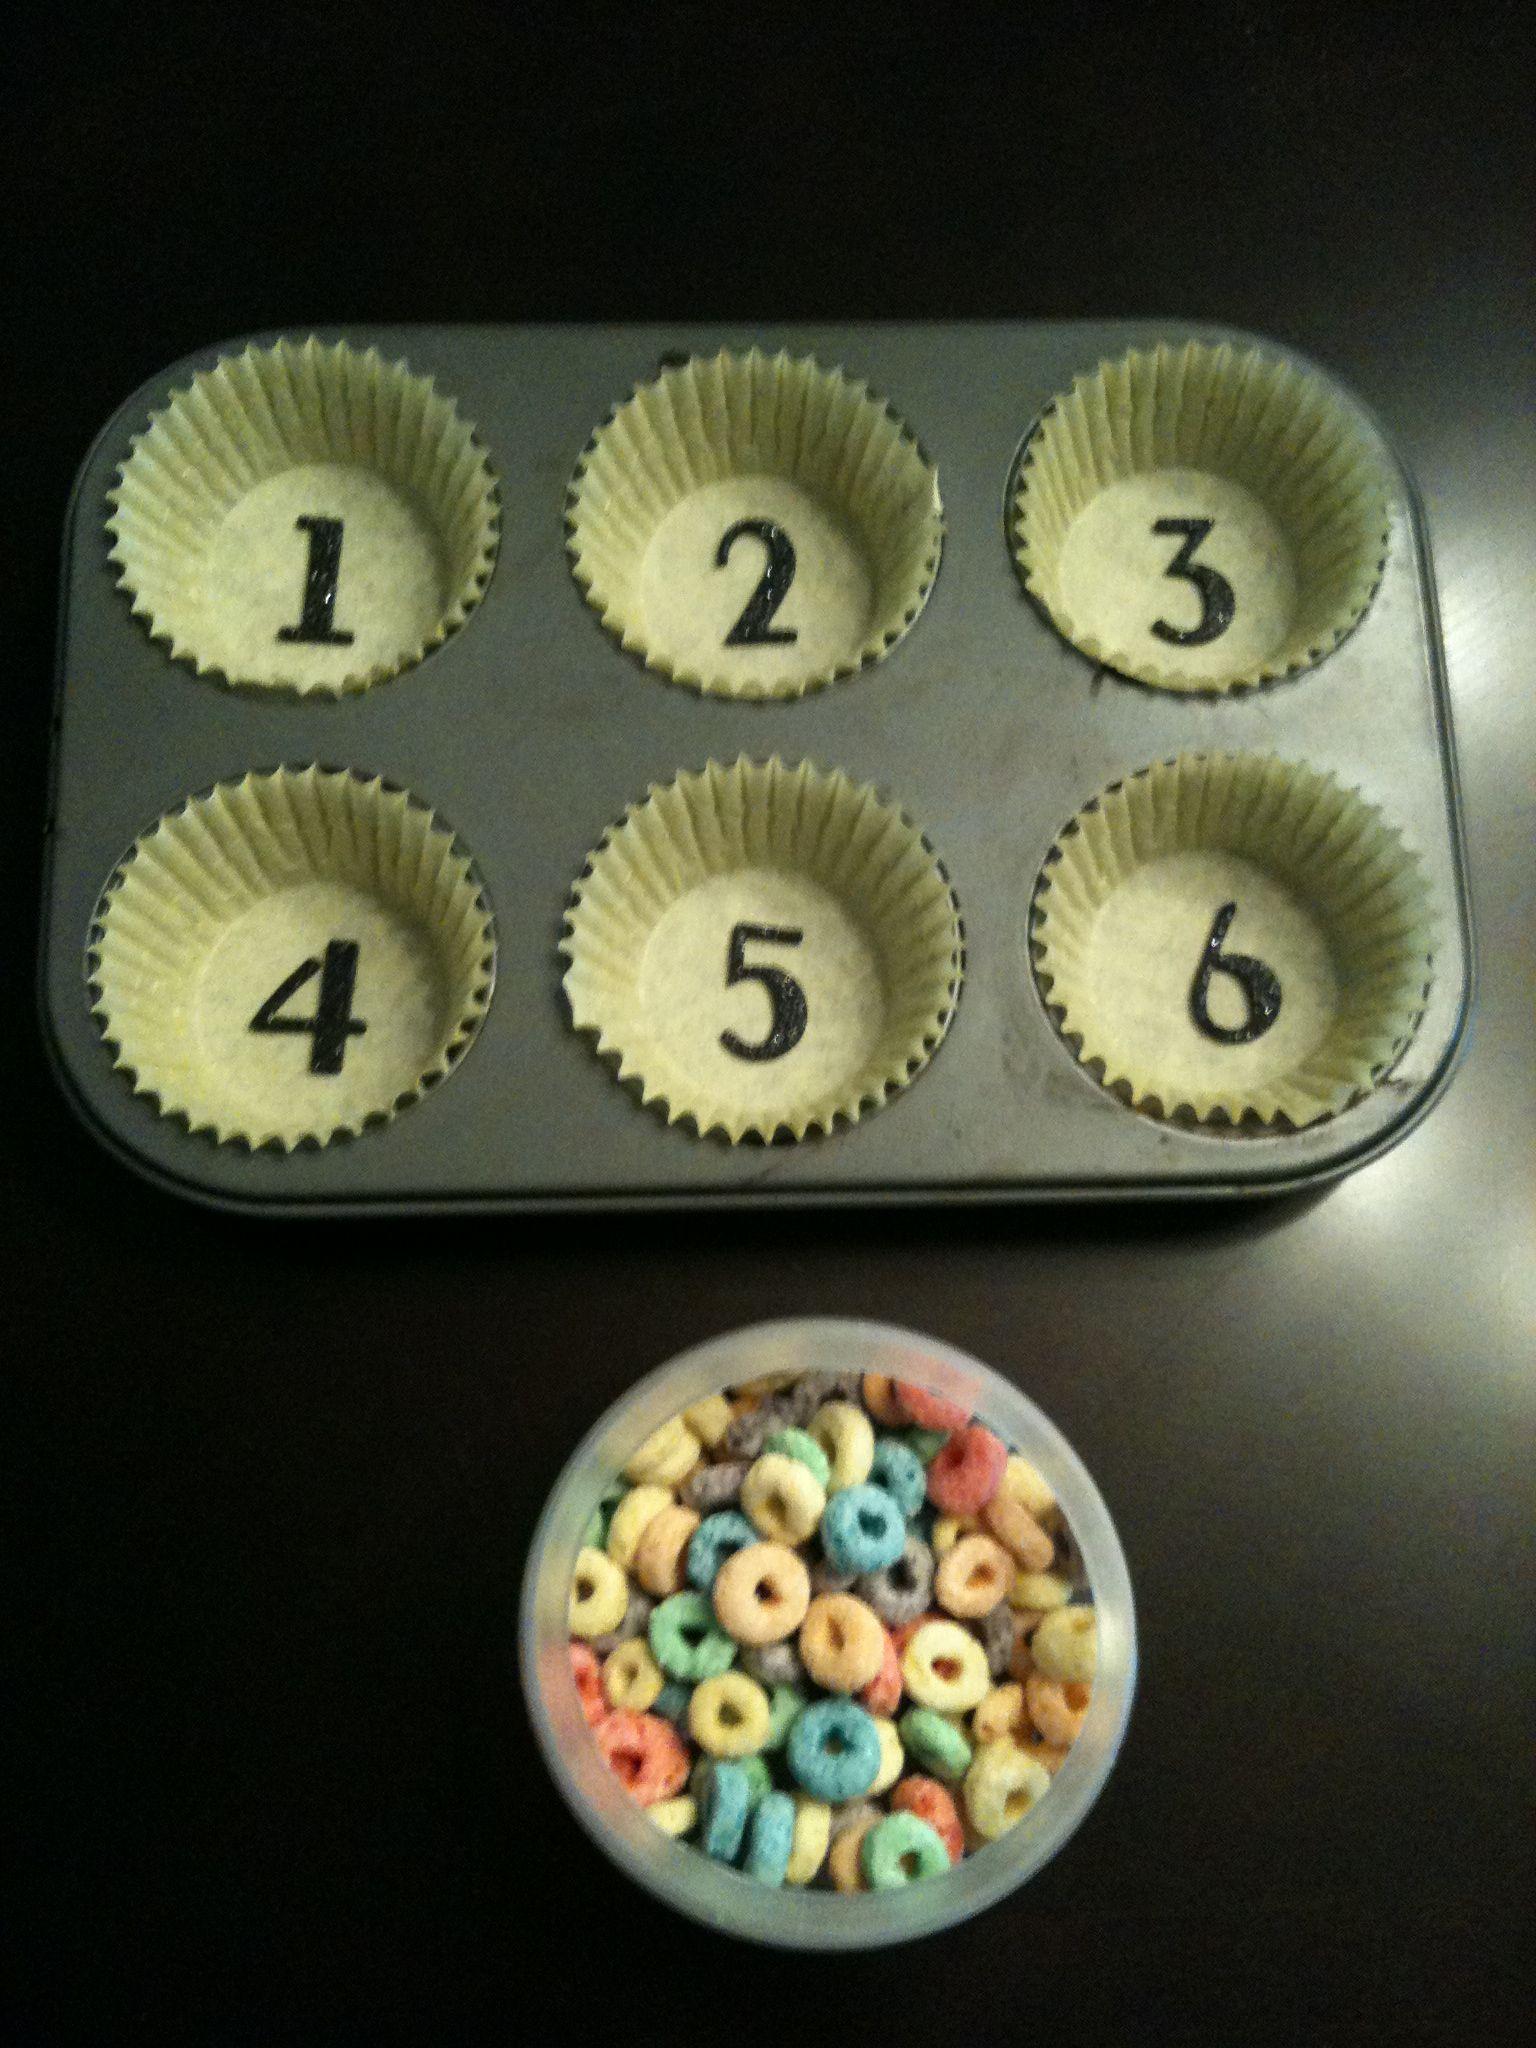 Fruit Loop Counting Game